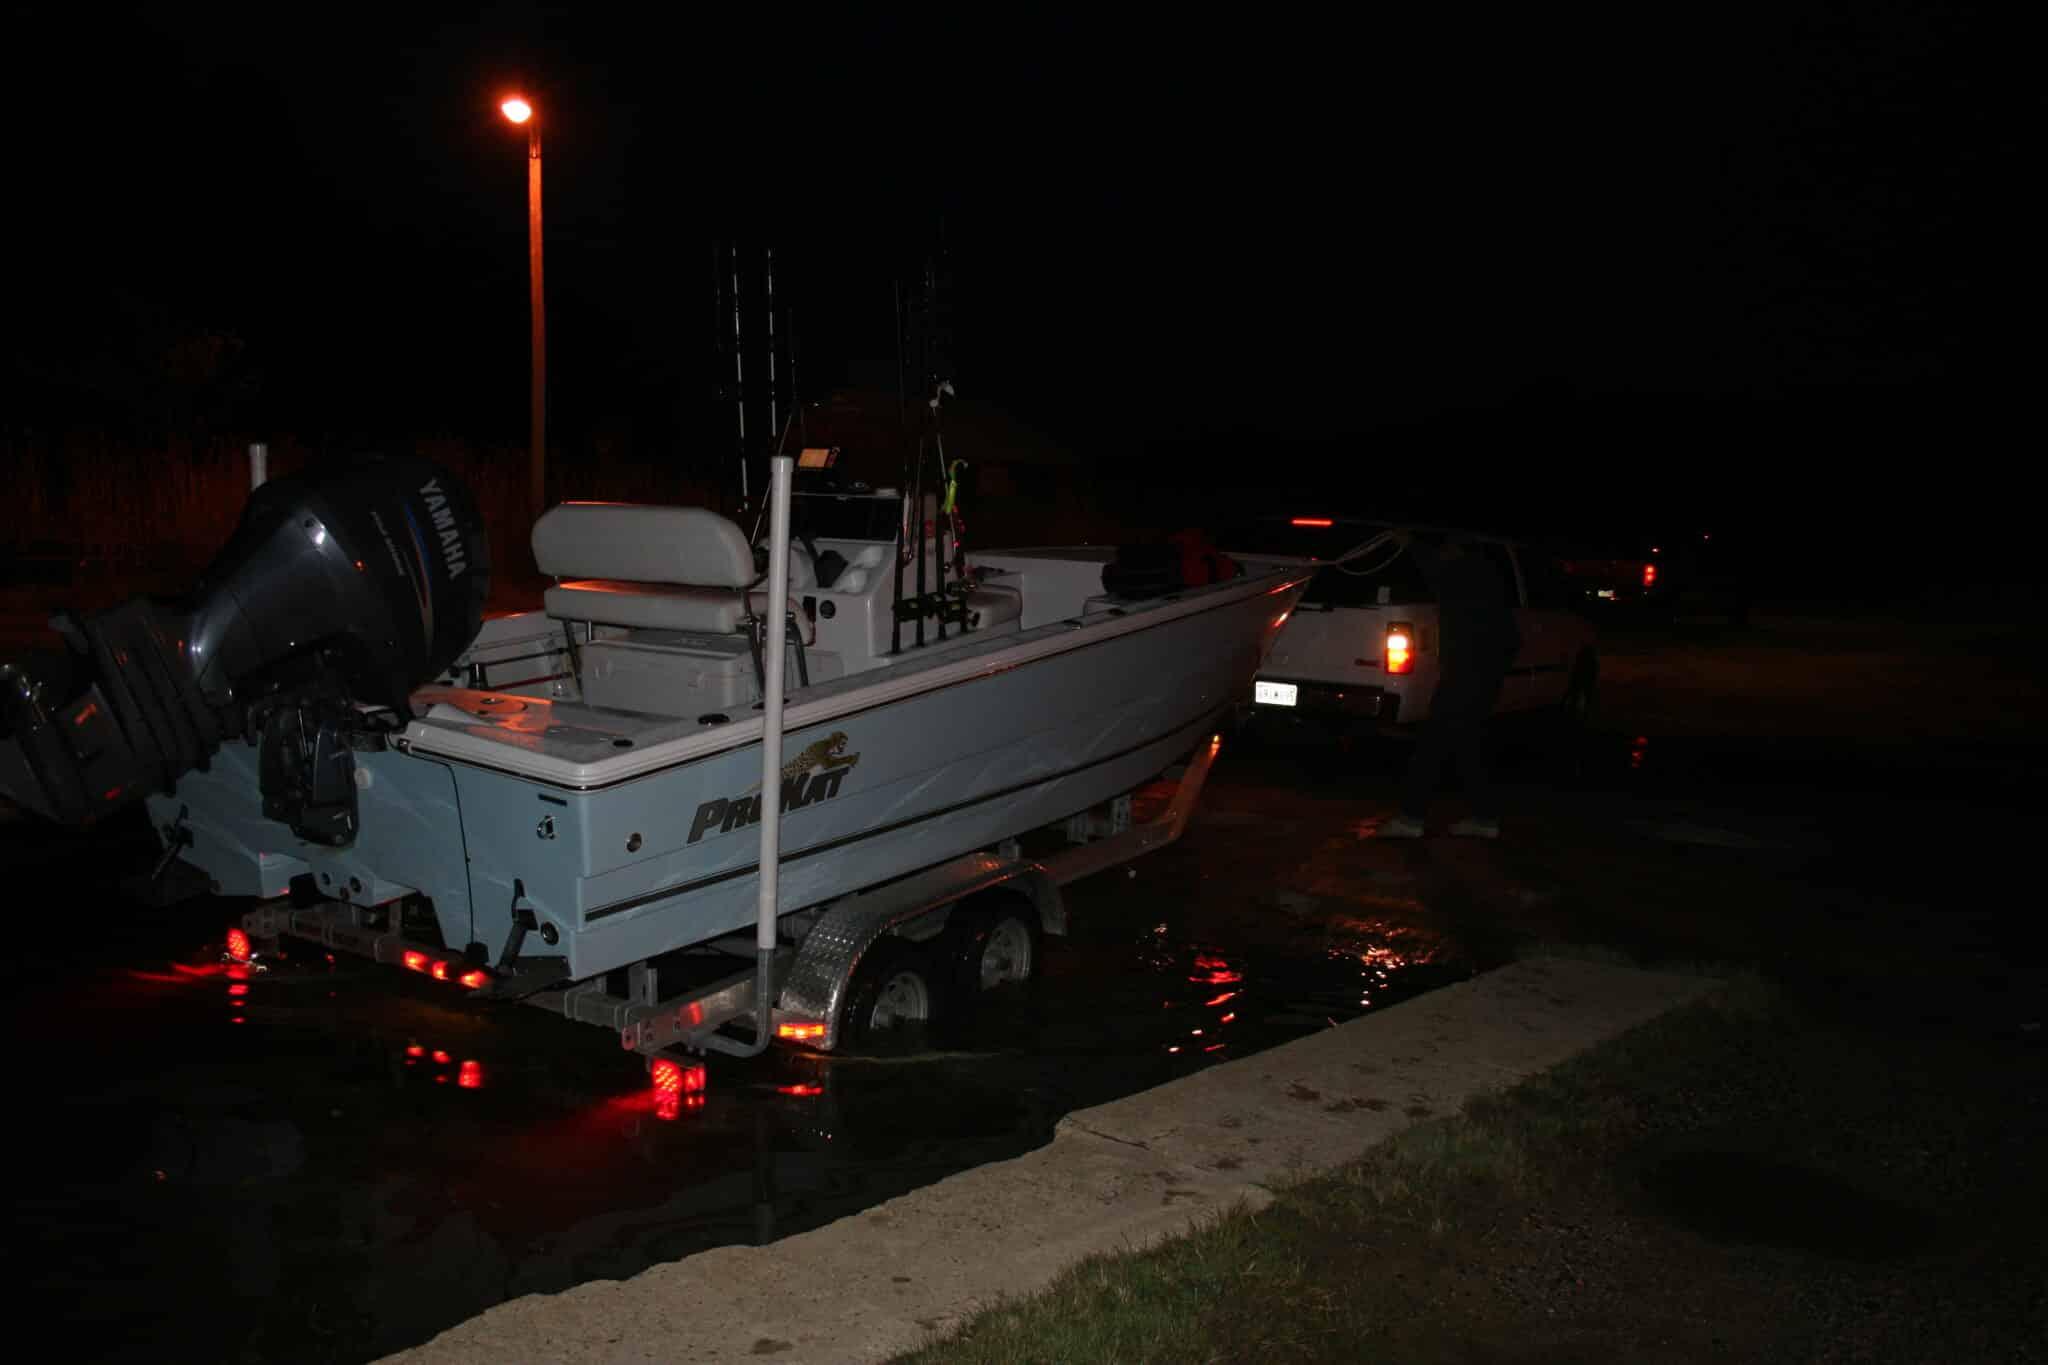 boating night